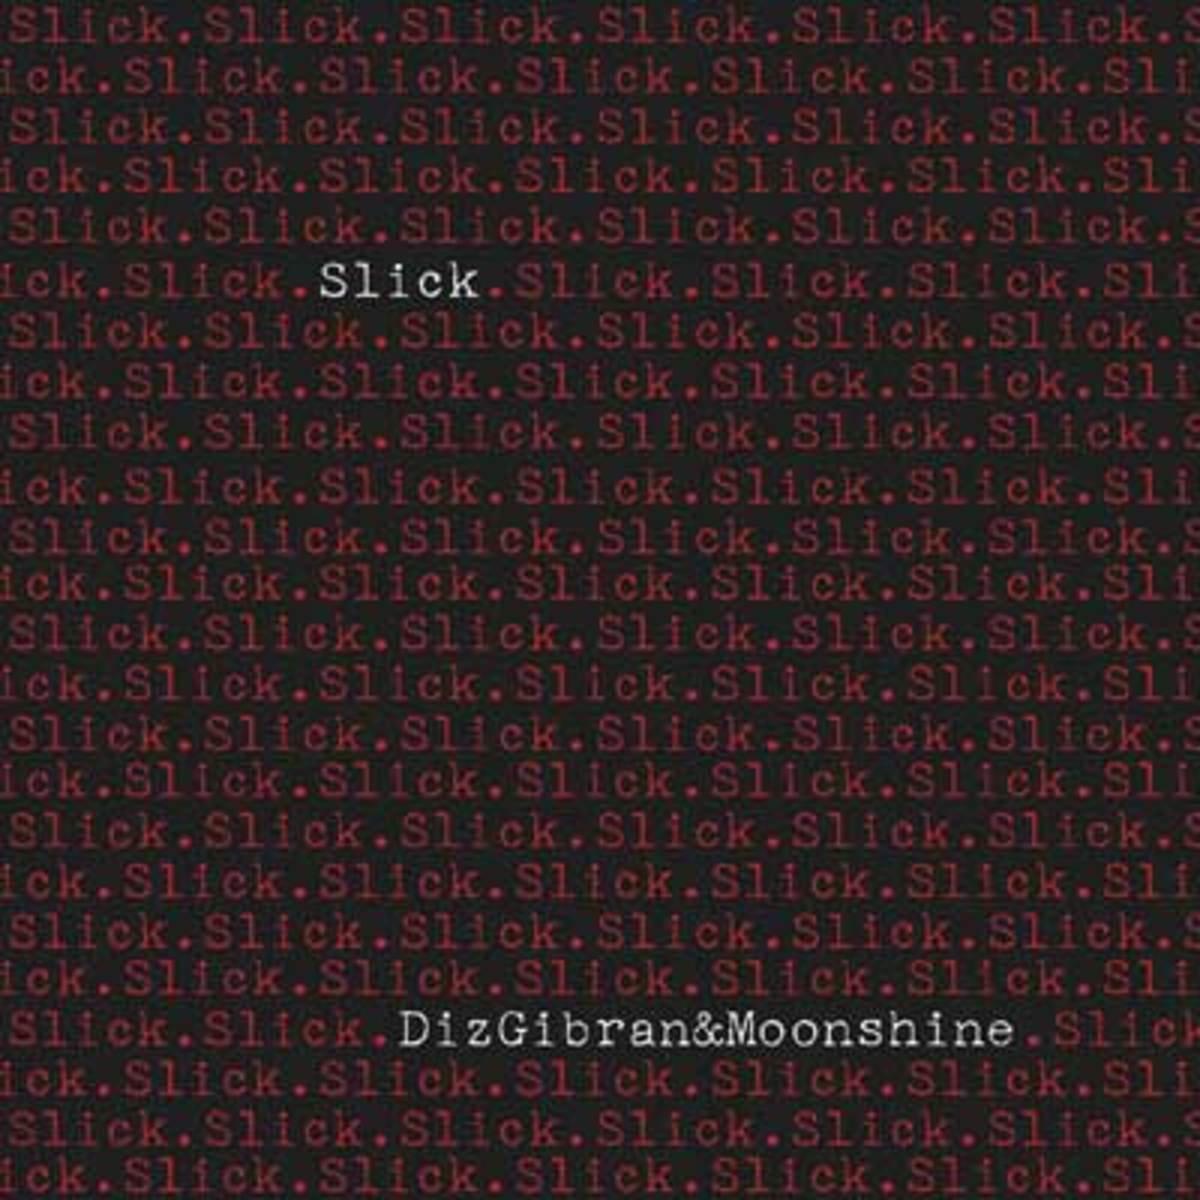 dizgibran-slick.jpg